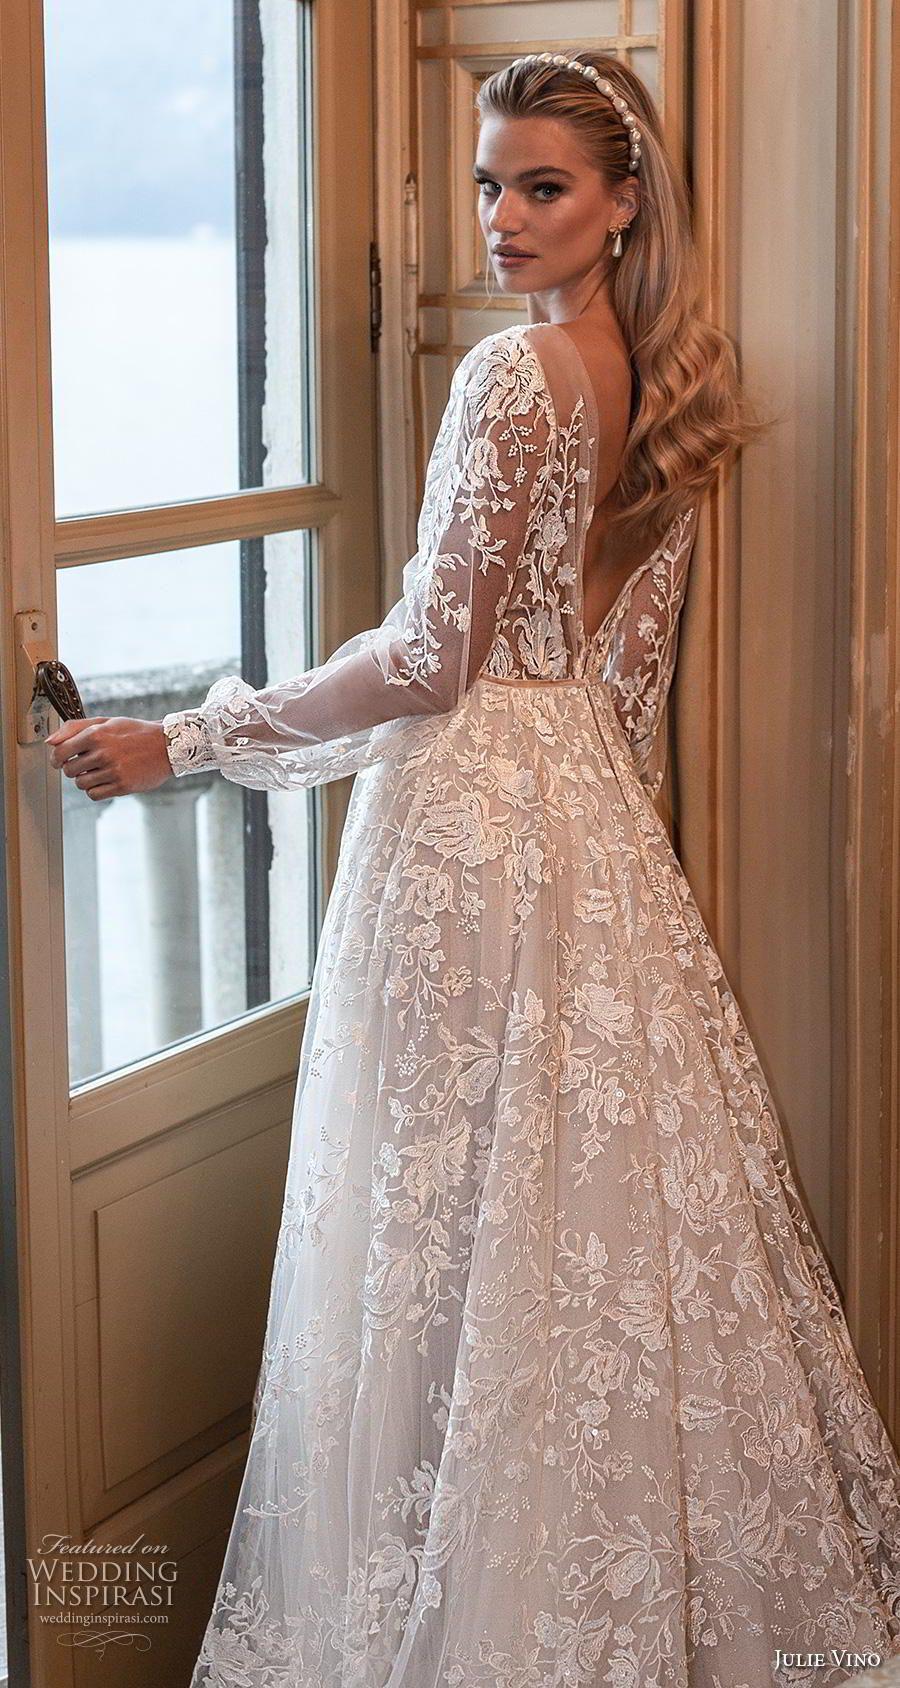 """Julie Vino Herbst 2020 Brautkleider – Brautkollektion """"Bellagio""""   – Wish to have a bridal shop"""